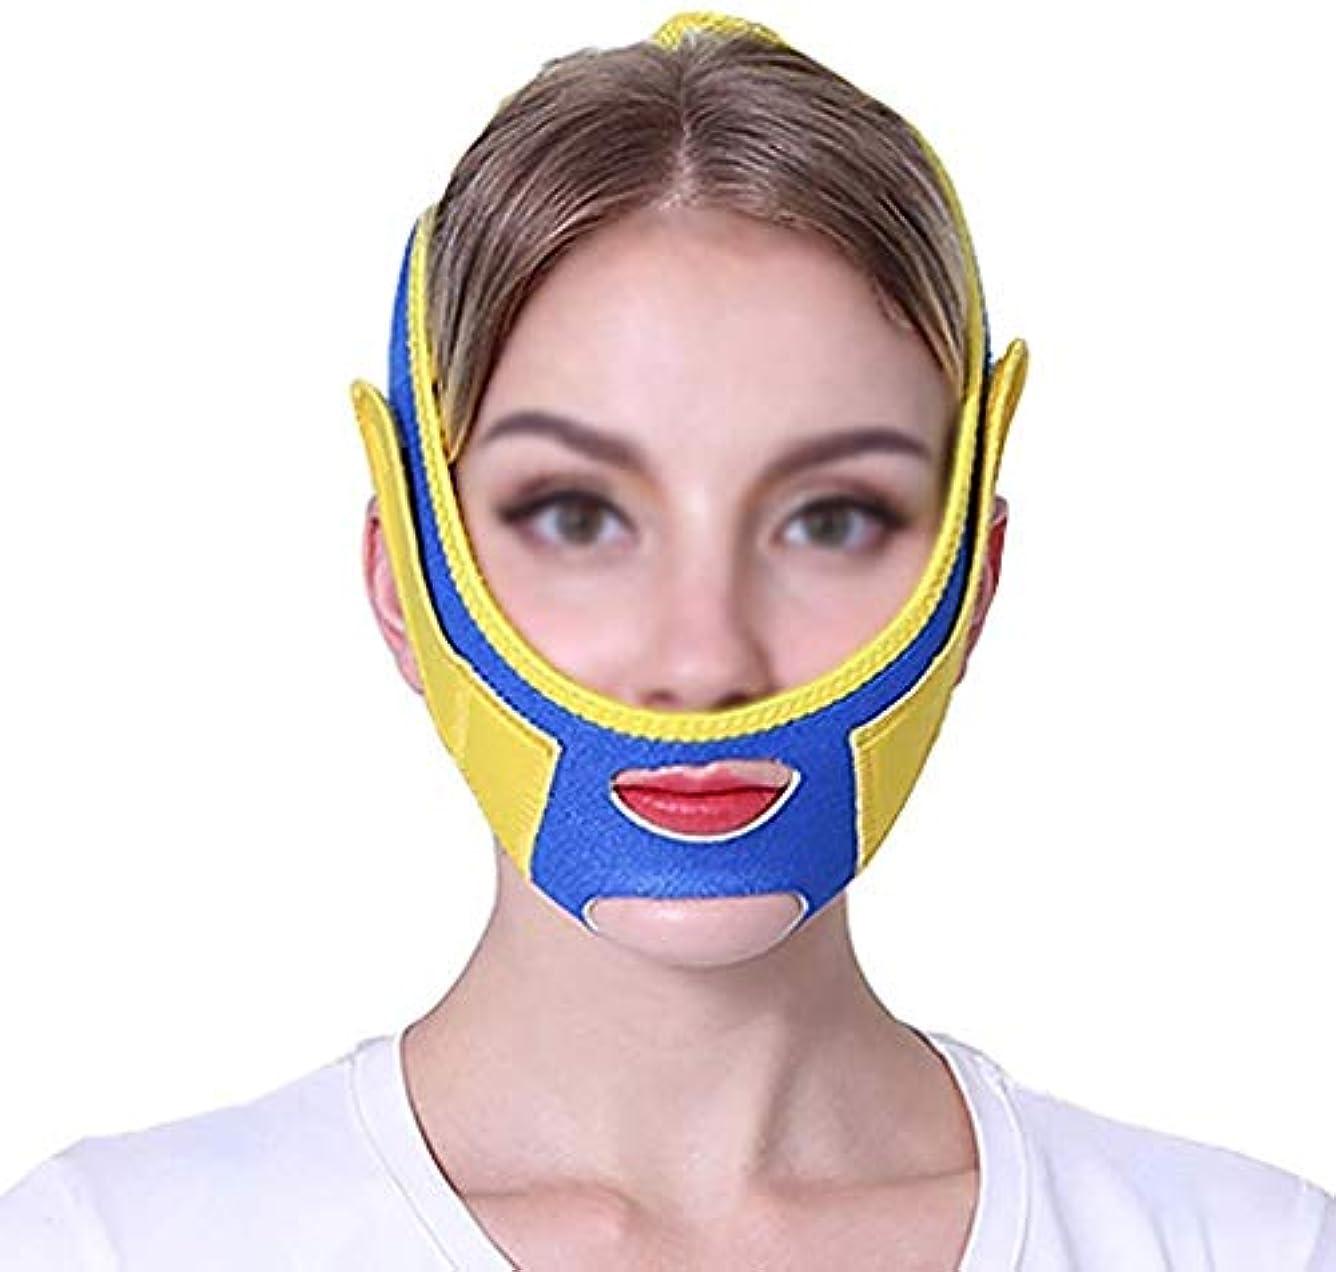 経歴悪意変な美容と実用的なファーミングフェイスマスク、スモールVフェイスアーティファクトリフティングマスクフェイスリフティングフェイスメロンフェイスリフティングフェイスファーミングクリームフェイスリフティングバンデージ